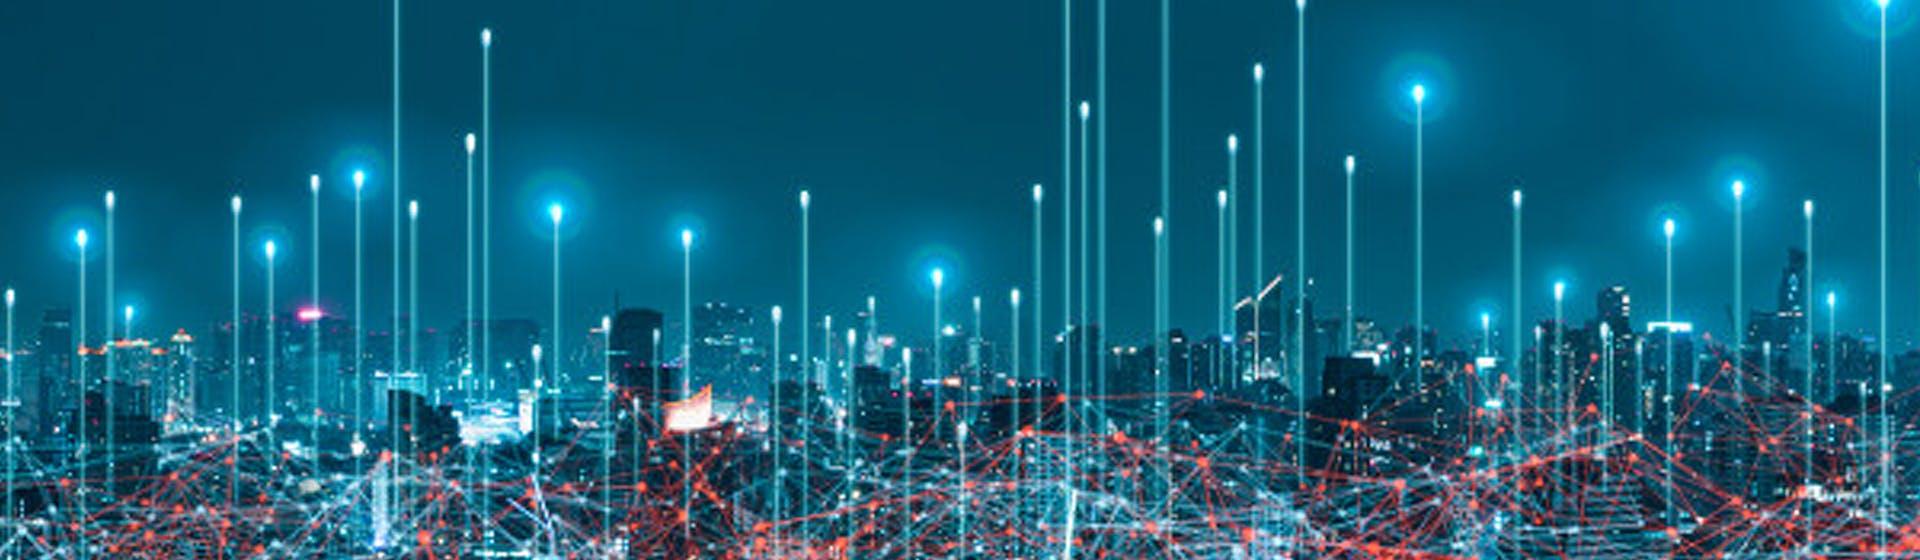 No todo es color de rosa: Big Data, ventajas y desventajas